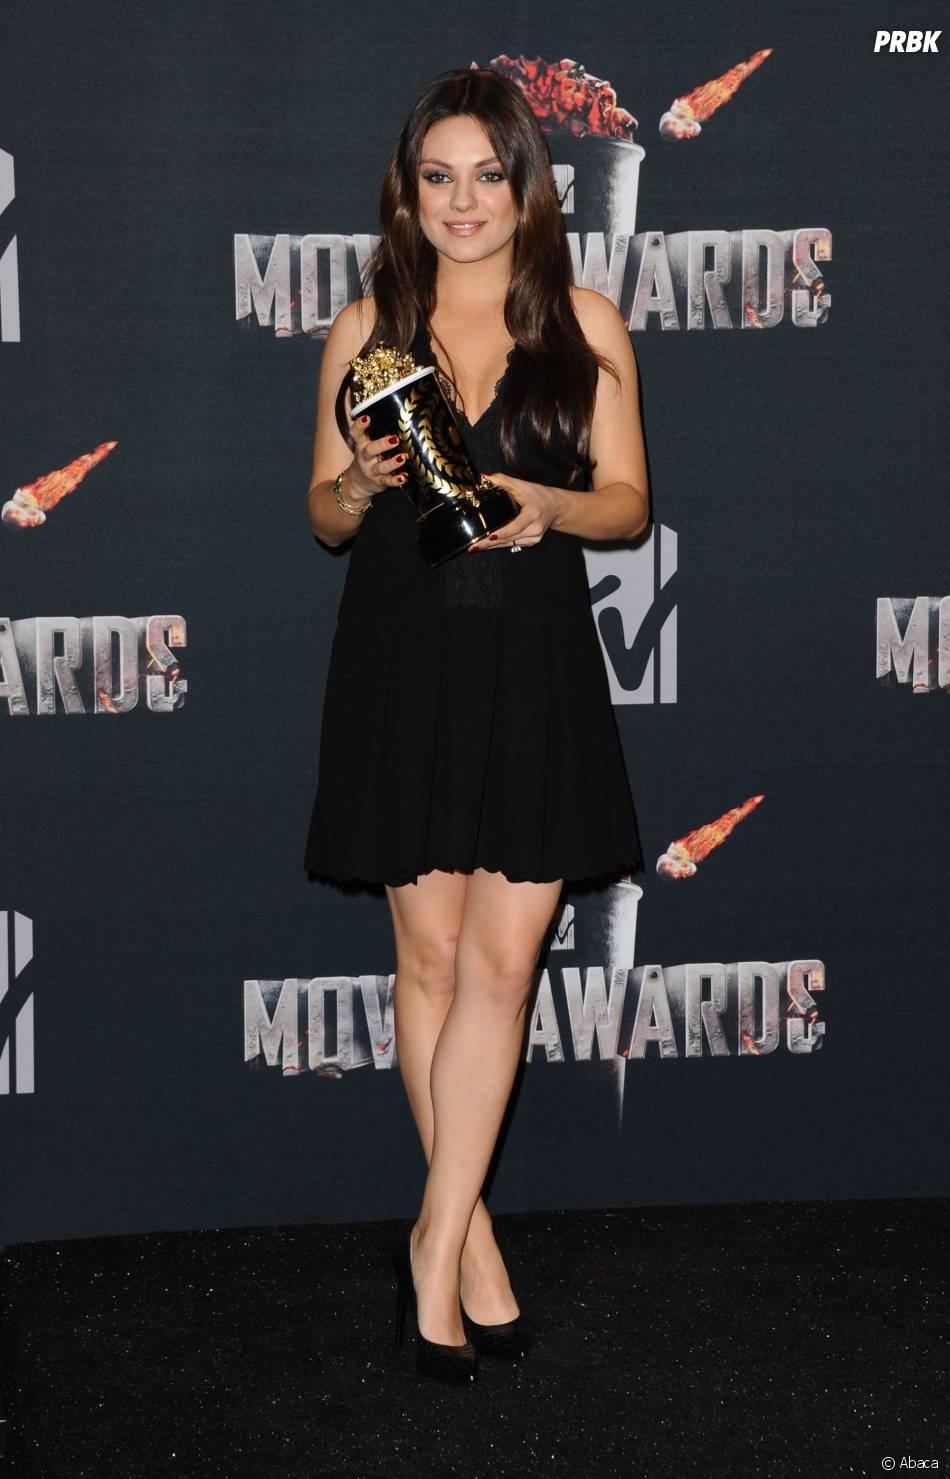 Mila Kunis remporte le prix de meilleure méchante aux MTV Movie Awards 2014 le 13 avril 2014